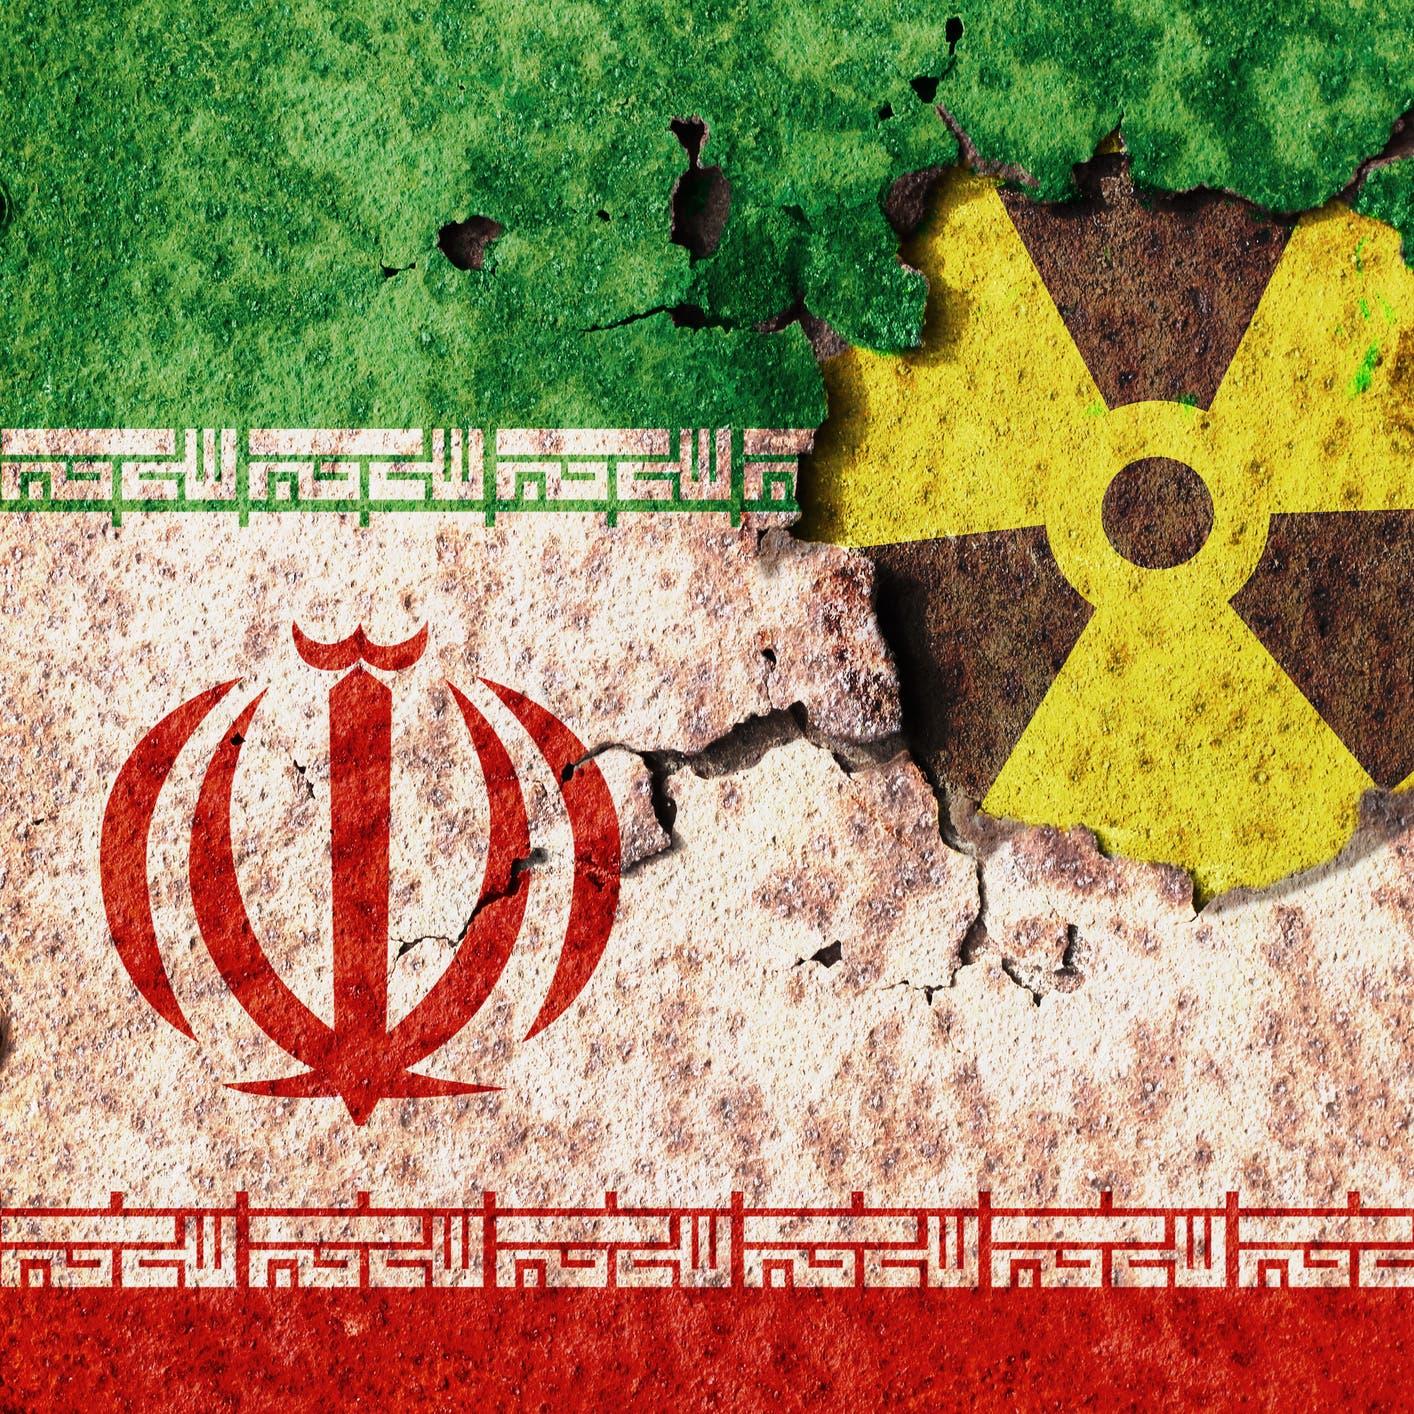 """فرنسا ترفع قرارا لـ""""الطاقة الذرية"""" يحمل إيران مسؤولية وقف التفتيش"""